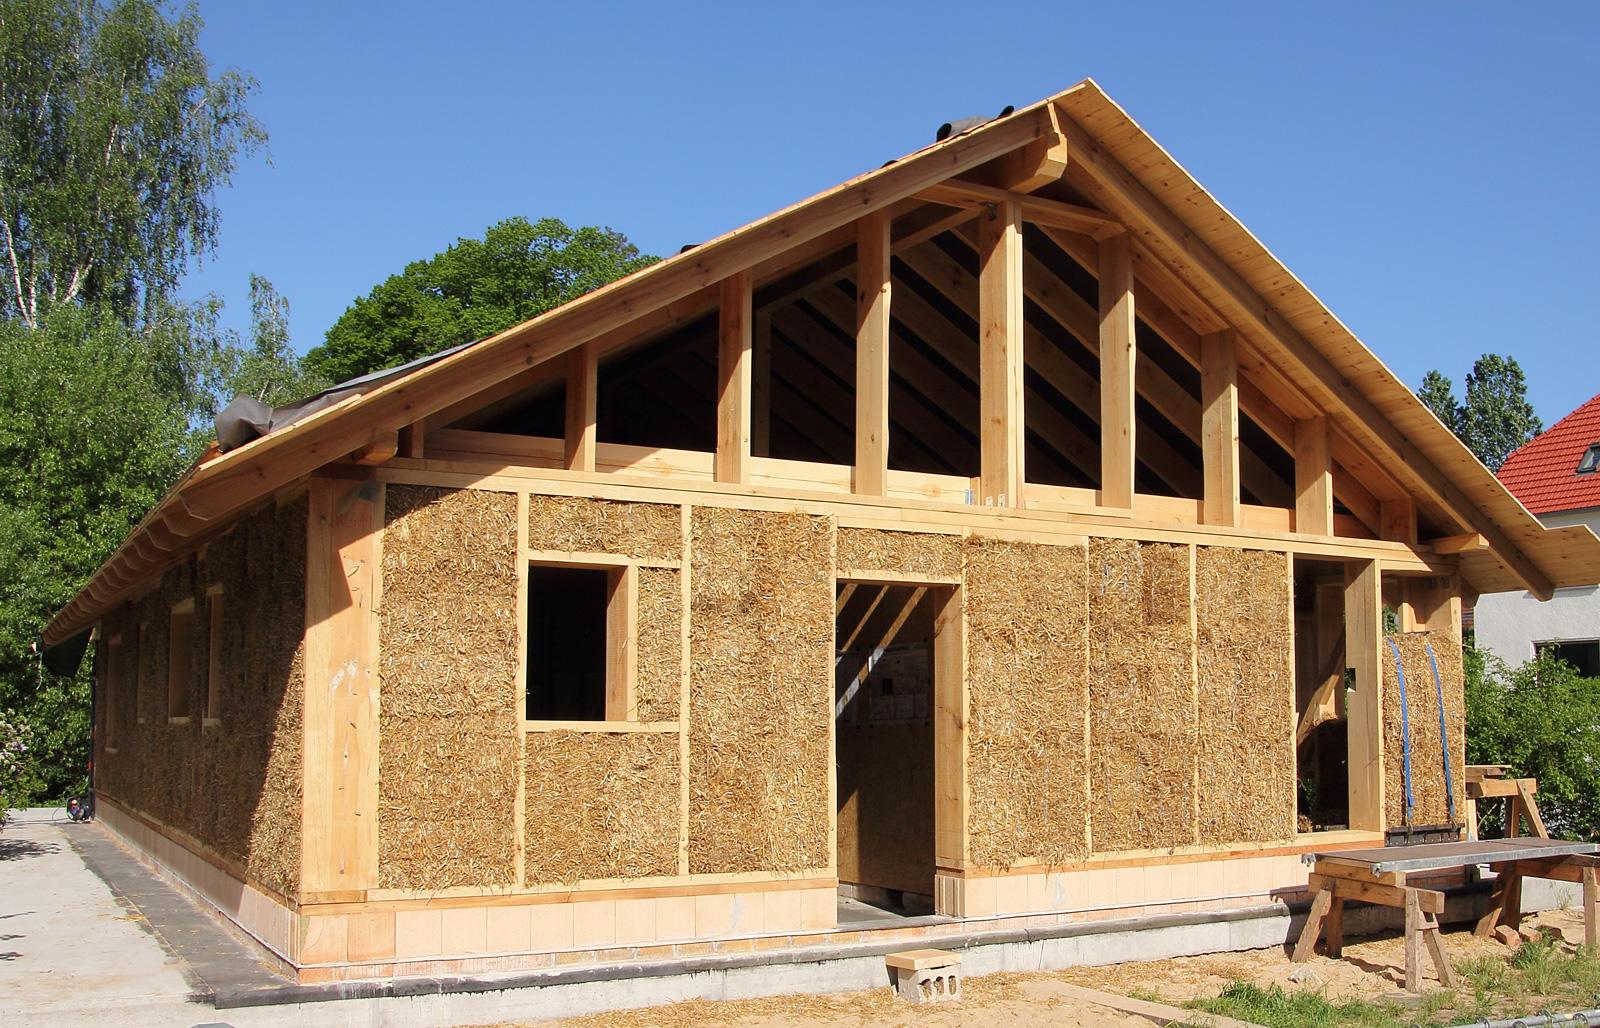 Zurück zu alten Baustoffen: Stroh ist bekannt für seine sehr gute Dämmwirkung.